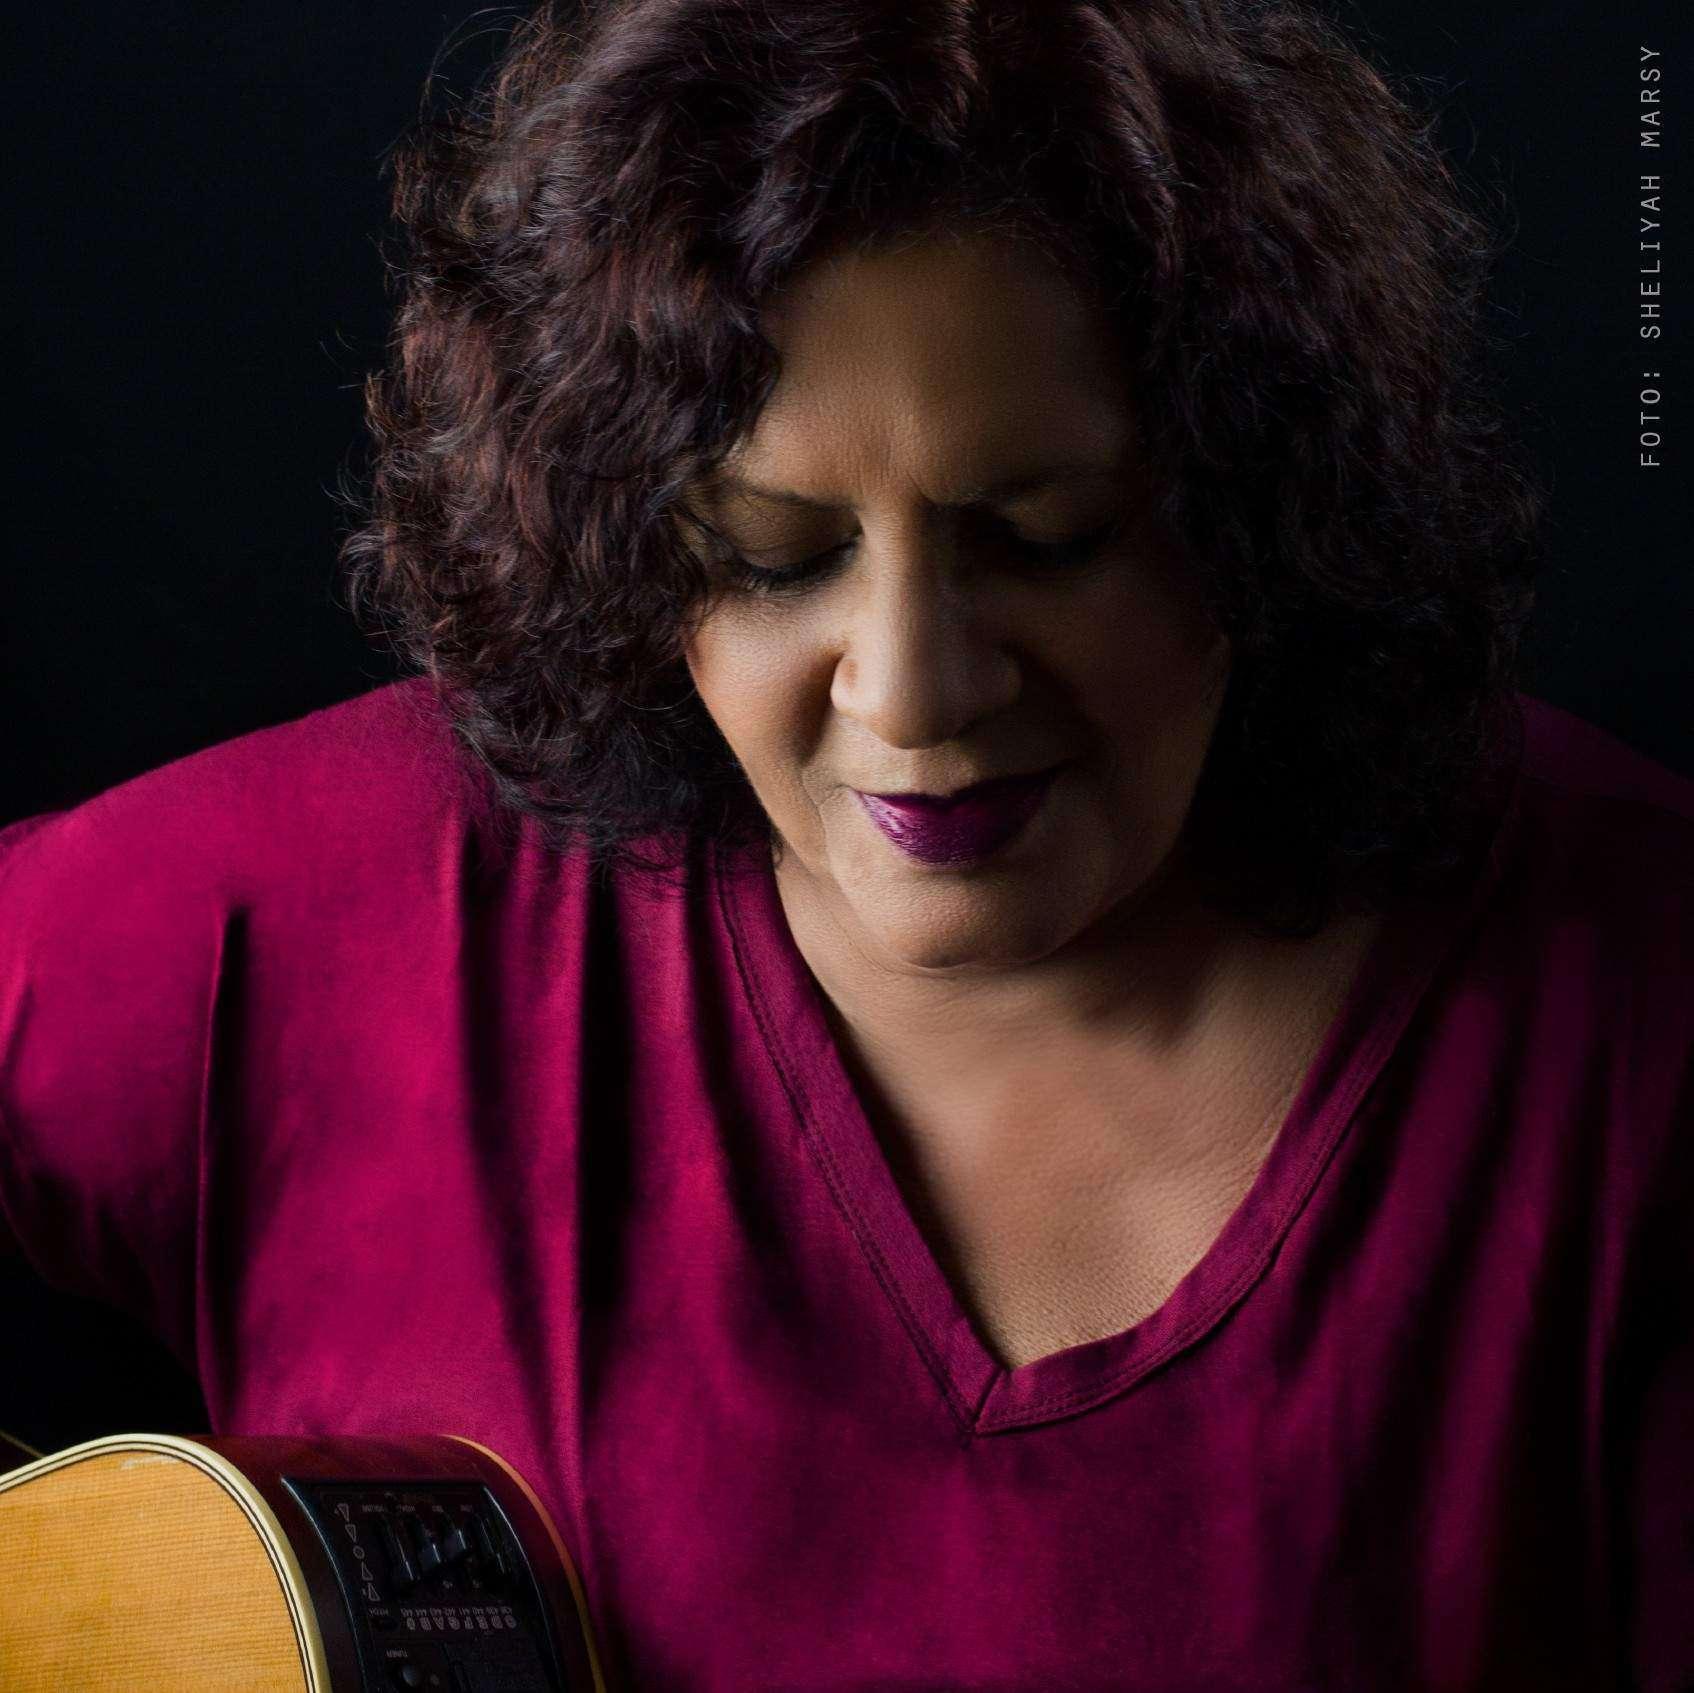 Espetáculo de Fhernanda Fernandes com Telma Tavares